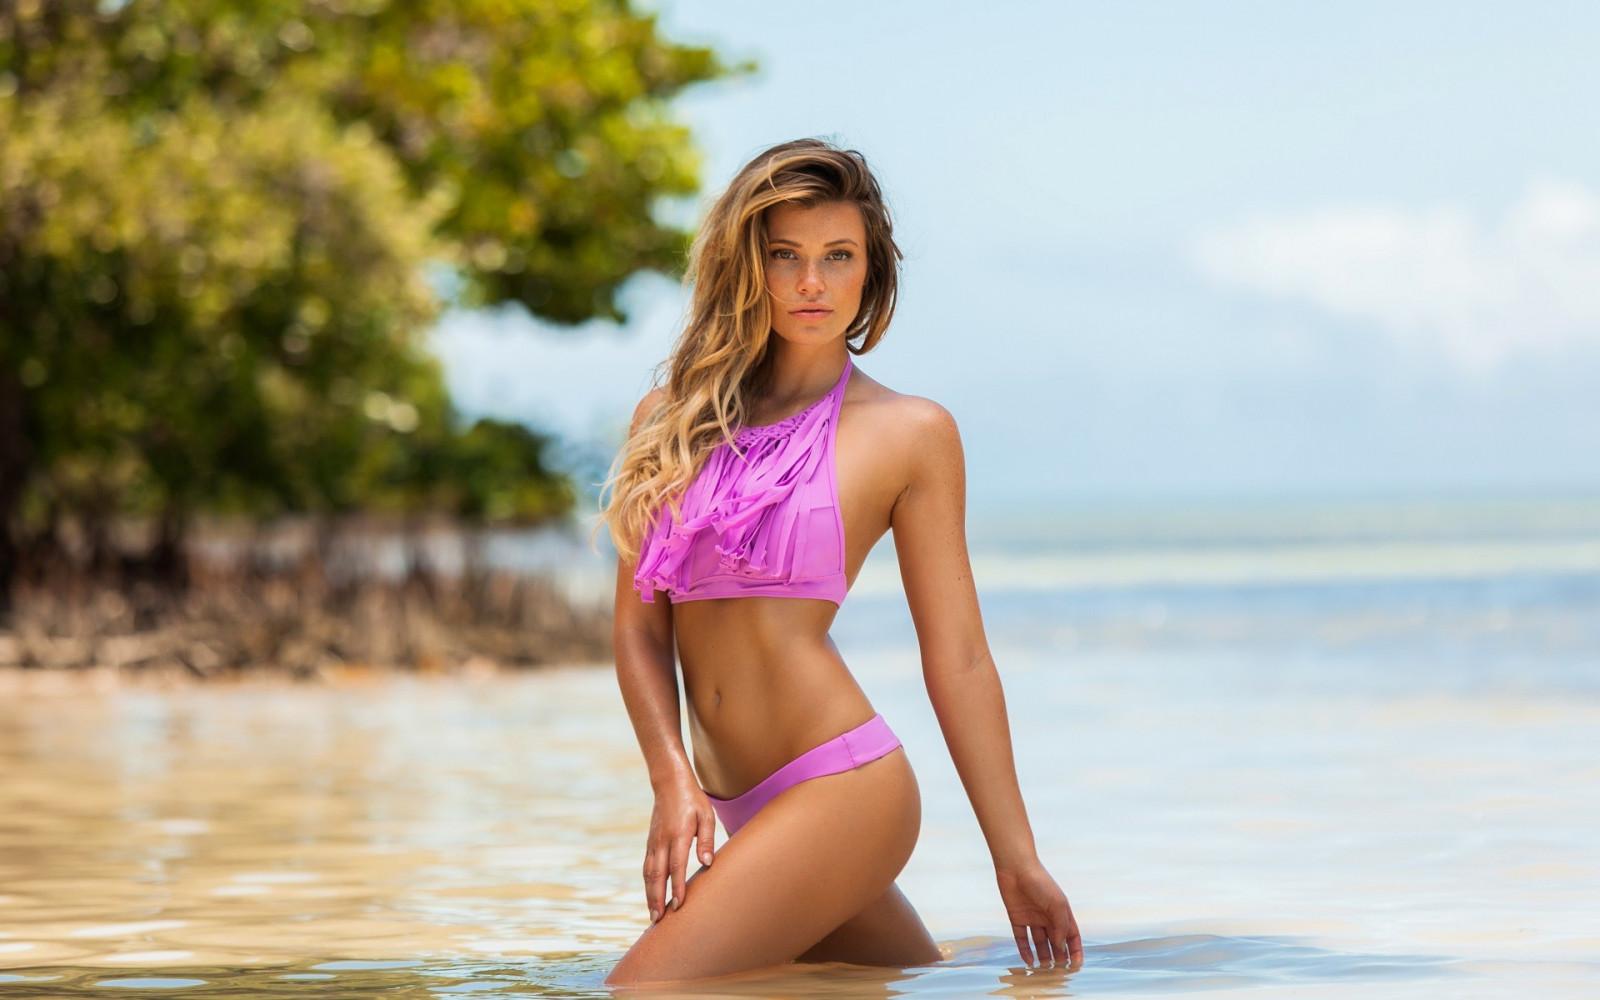 худенькая русская девушка в розовом бикини фото